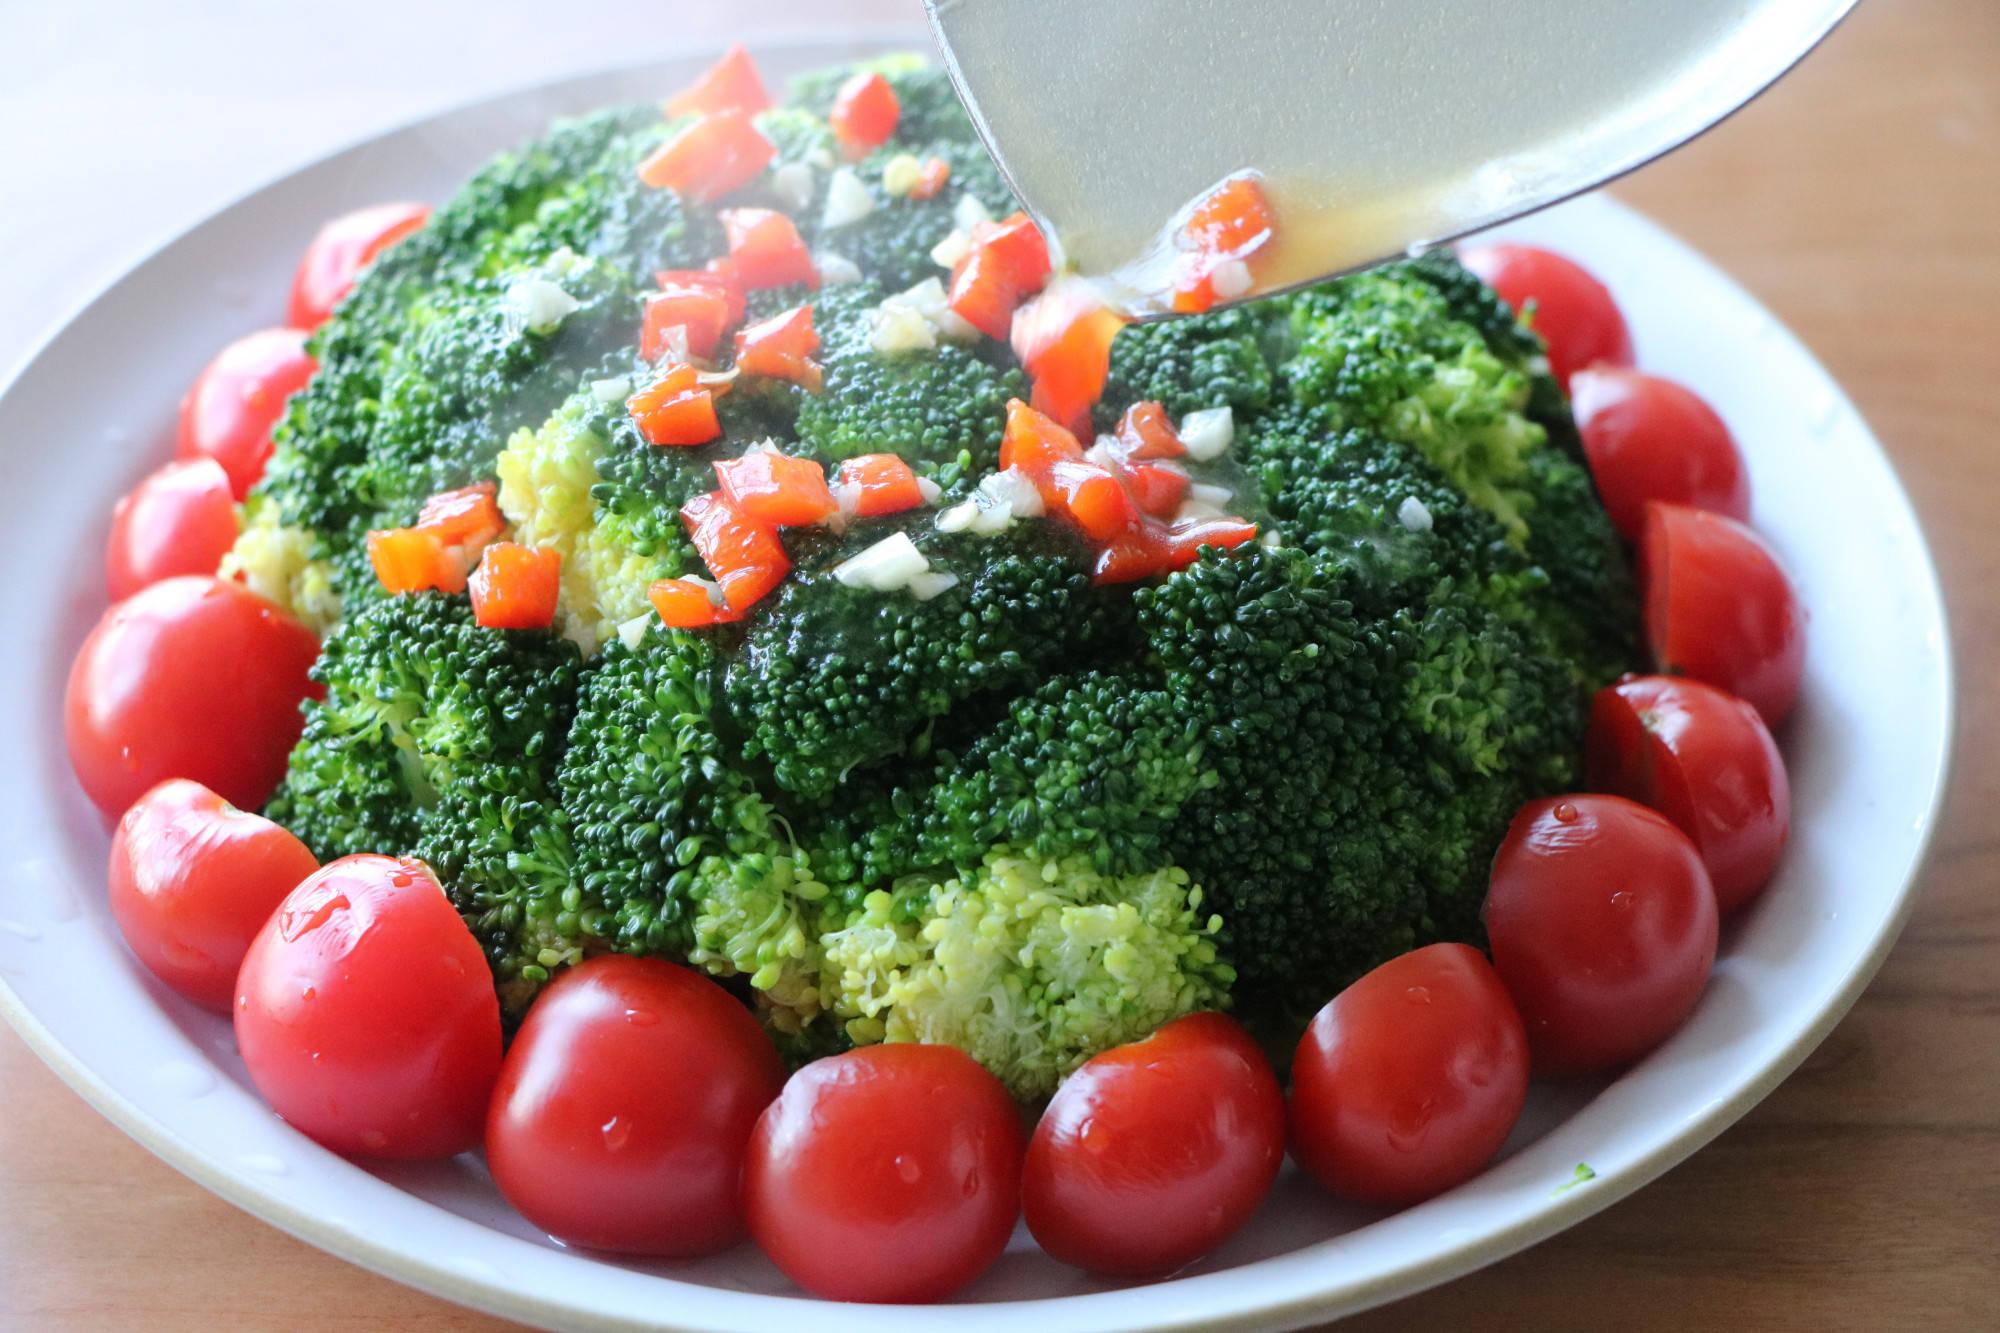 西兰花还可以这样吃,颜值高又喜庆,做法简单,过年家宴就这样做